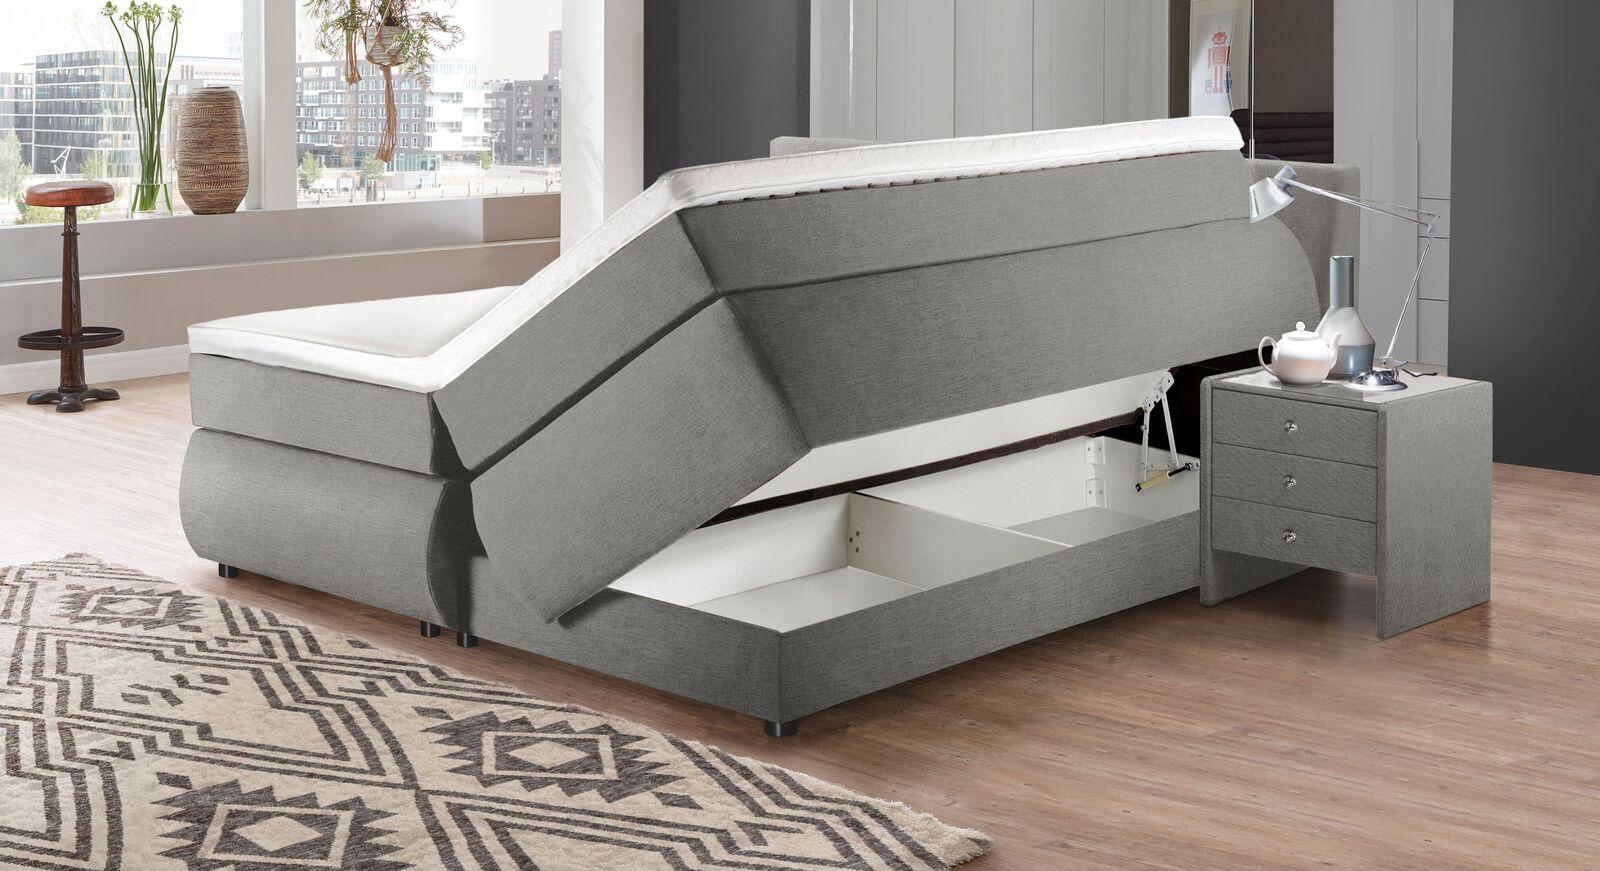 Bettkasten-Boxspringbett Highgate mit praktischem Stauraum